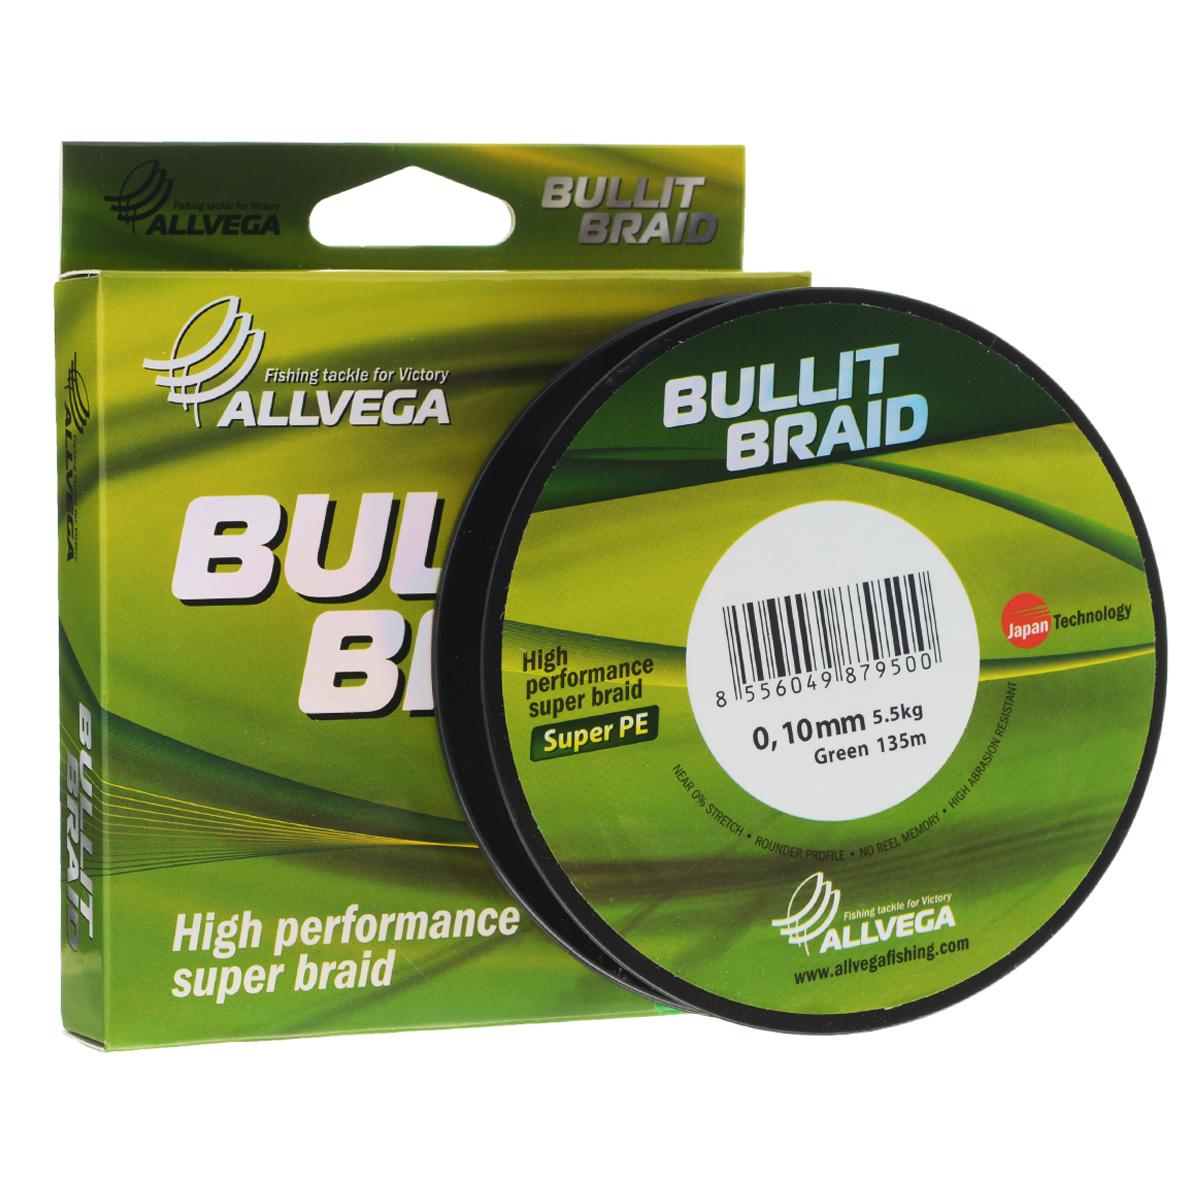 Леска плетеная Allvega Bullit Braid, цвет: темно-зеленый, 135 м, 0,10 мм, 5,5 кг39958Леска Allvega Bullit Braid с гладкой поверхностью и одинаковым сечением по всей длине обладает высокой износостойкостью. Благодаря микроволокнам полиэтилена (Super PE) леска имеет очень плотное плетение и не впитывает воду. Леску Allvega Bullit Braid можно применять в любых типах водоемов. Особенности:повышенная износостойкость;высокая чувствительность - коэффициент растяжения близок к нулю;отсутствует память; идеально гладкая поверхность позволяет увеличить дальность забросов; высокая прочность шнура на узлах.